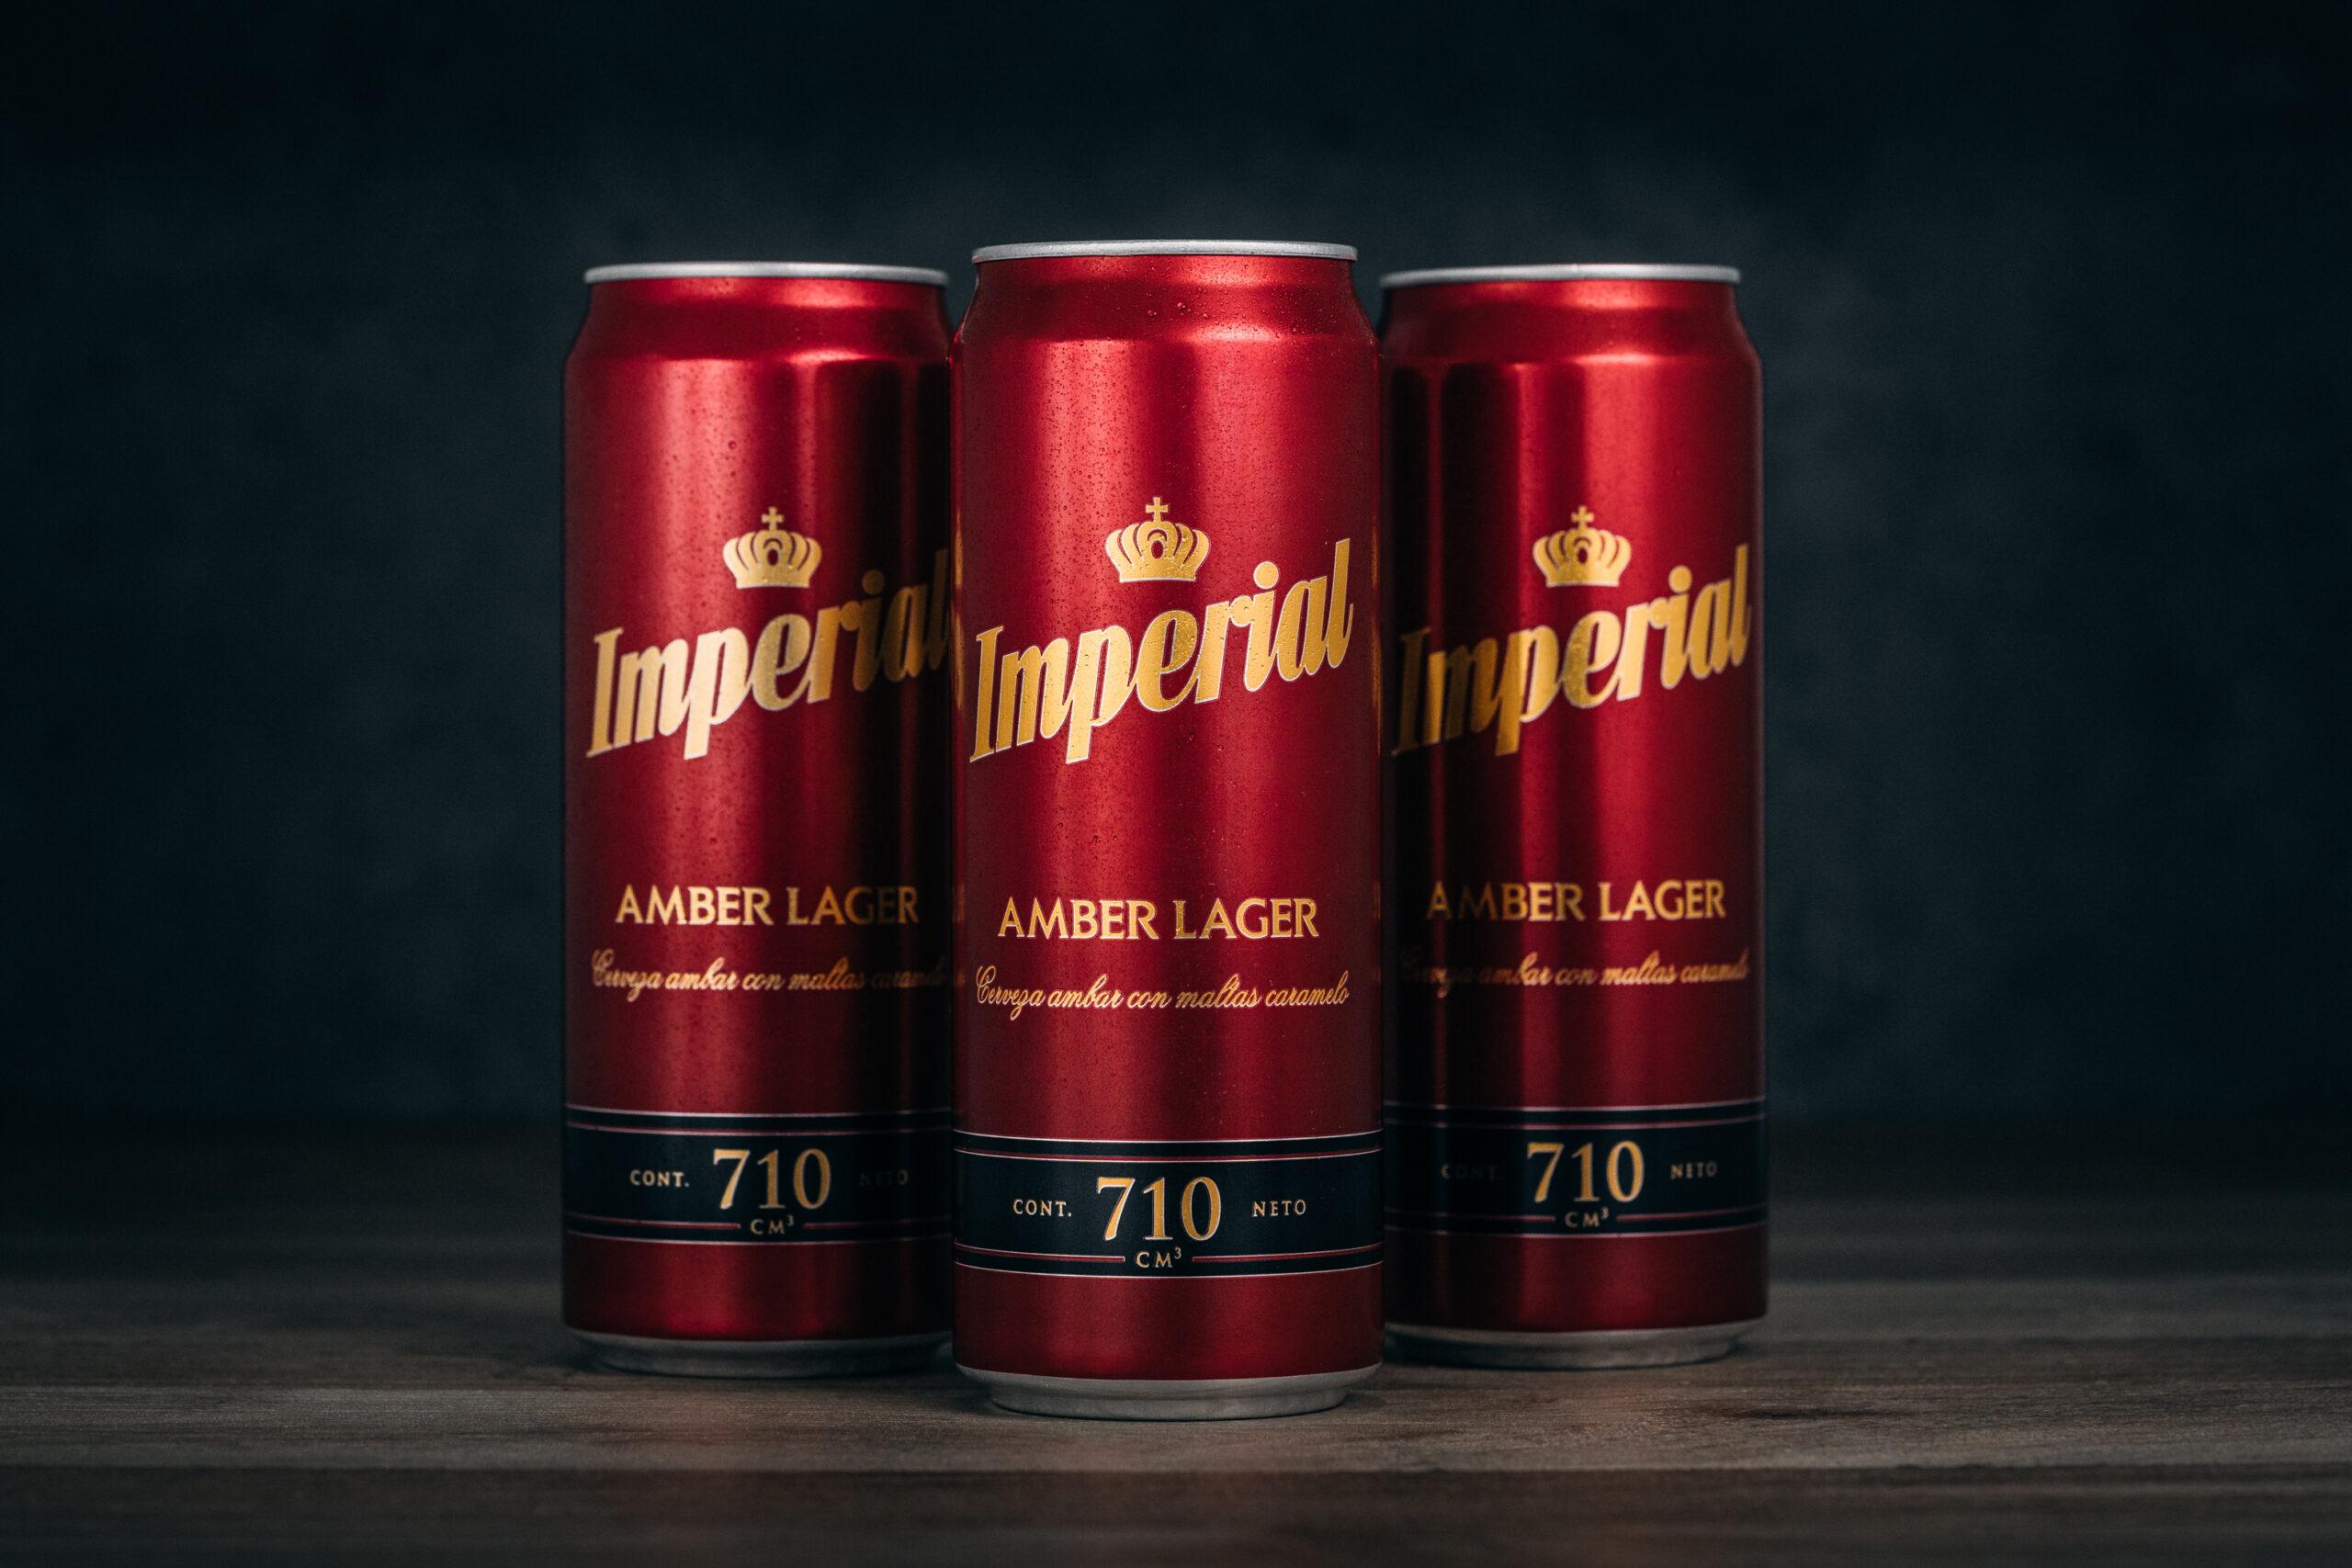 La recompensa de Imperial se extiende con la nueva Amber Lager 710cc